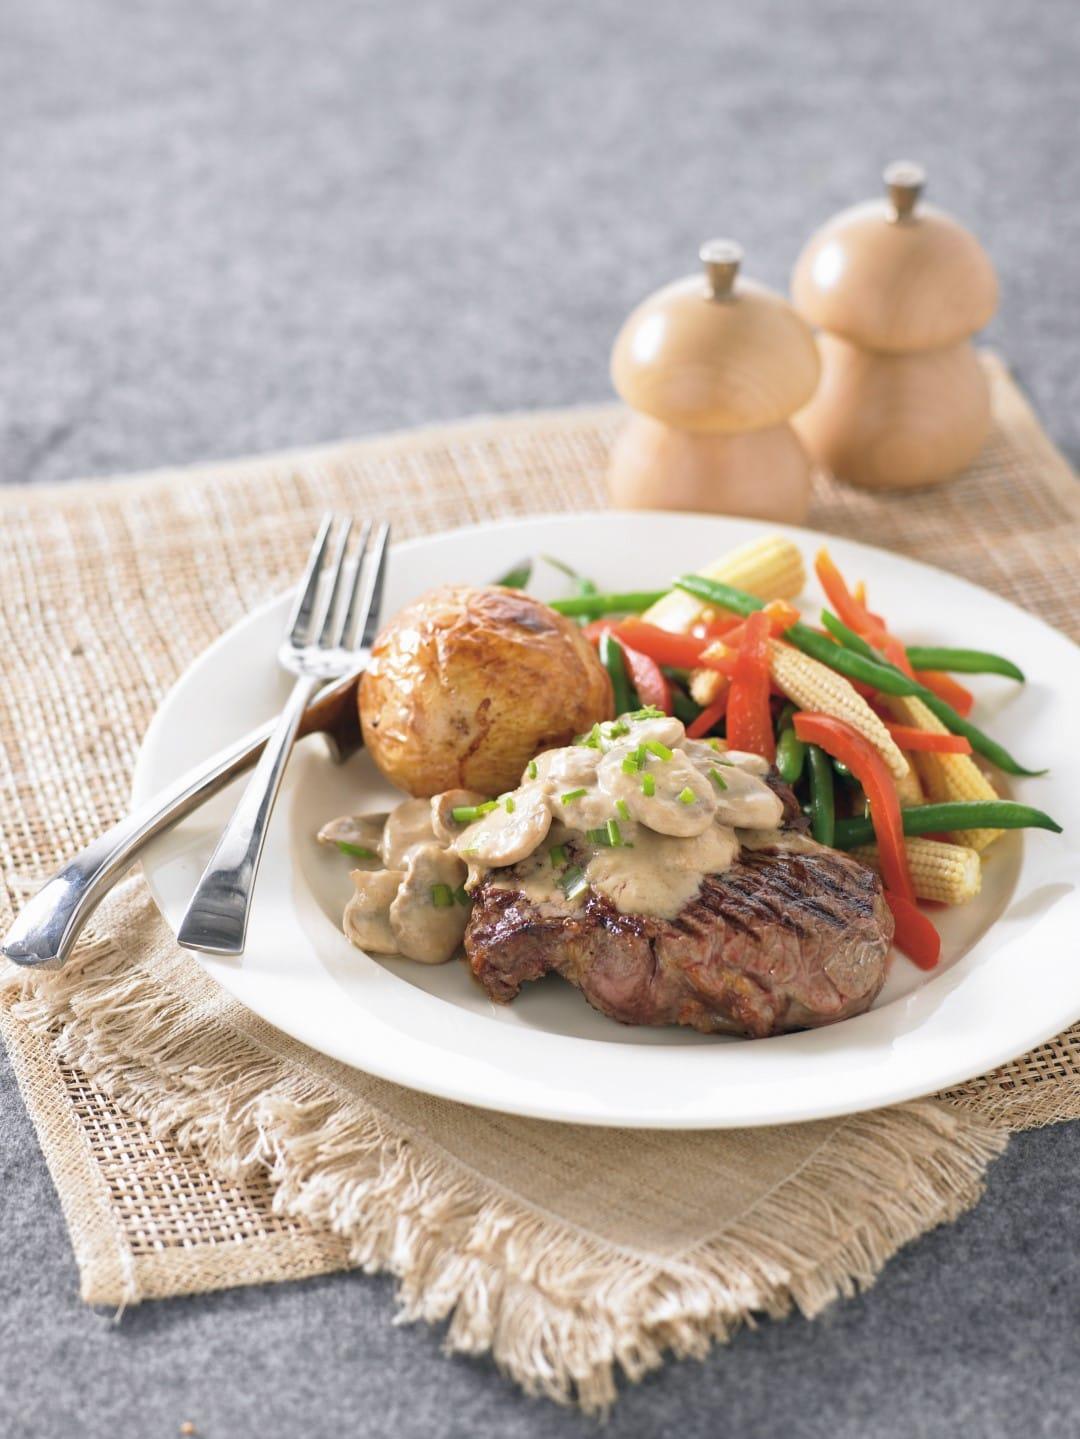 Steak With Mushroom Sauce Healthy Food Guide